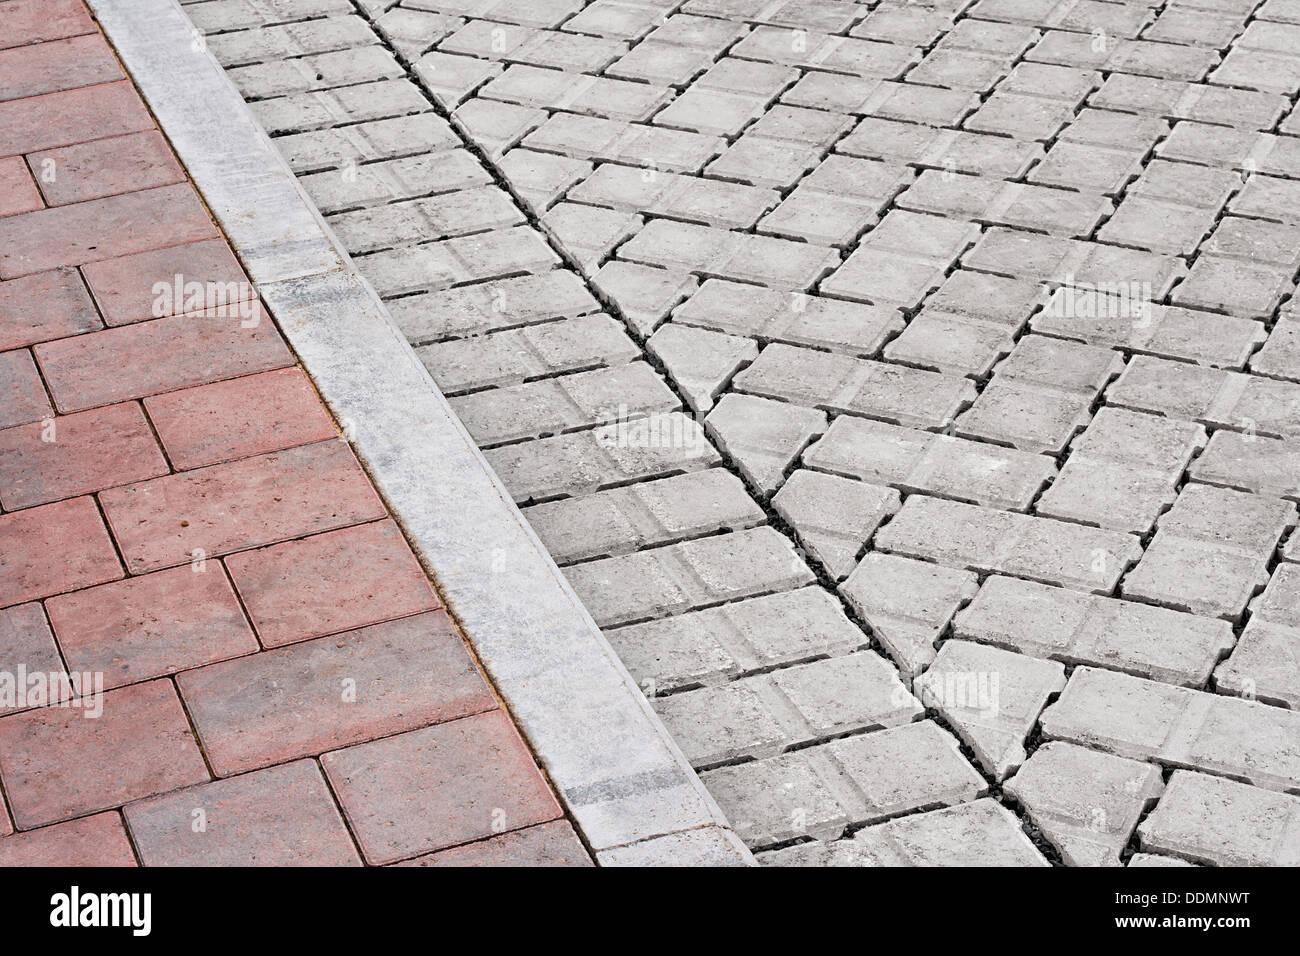 Ziegel mit rosa Bürgersteig zu ebnen, Bord- und Laufwerk aus schlicht ineinandergreifenden Beton Ziegel hergestellt Stockbild